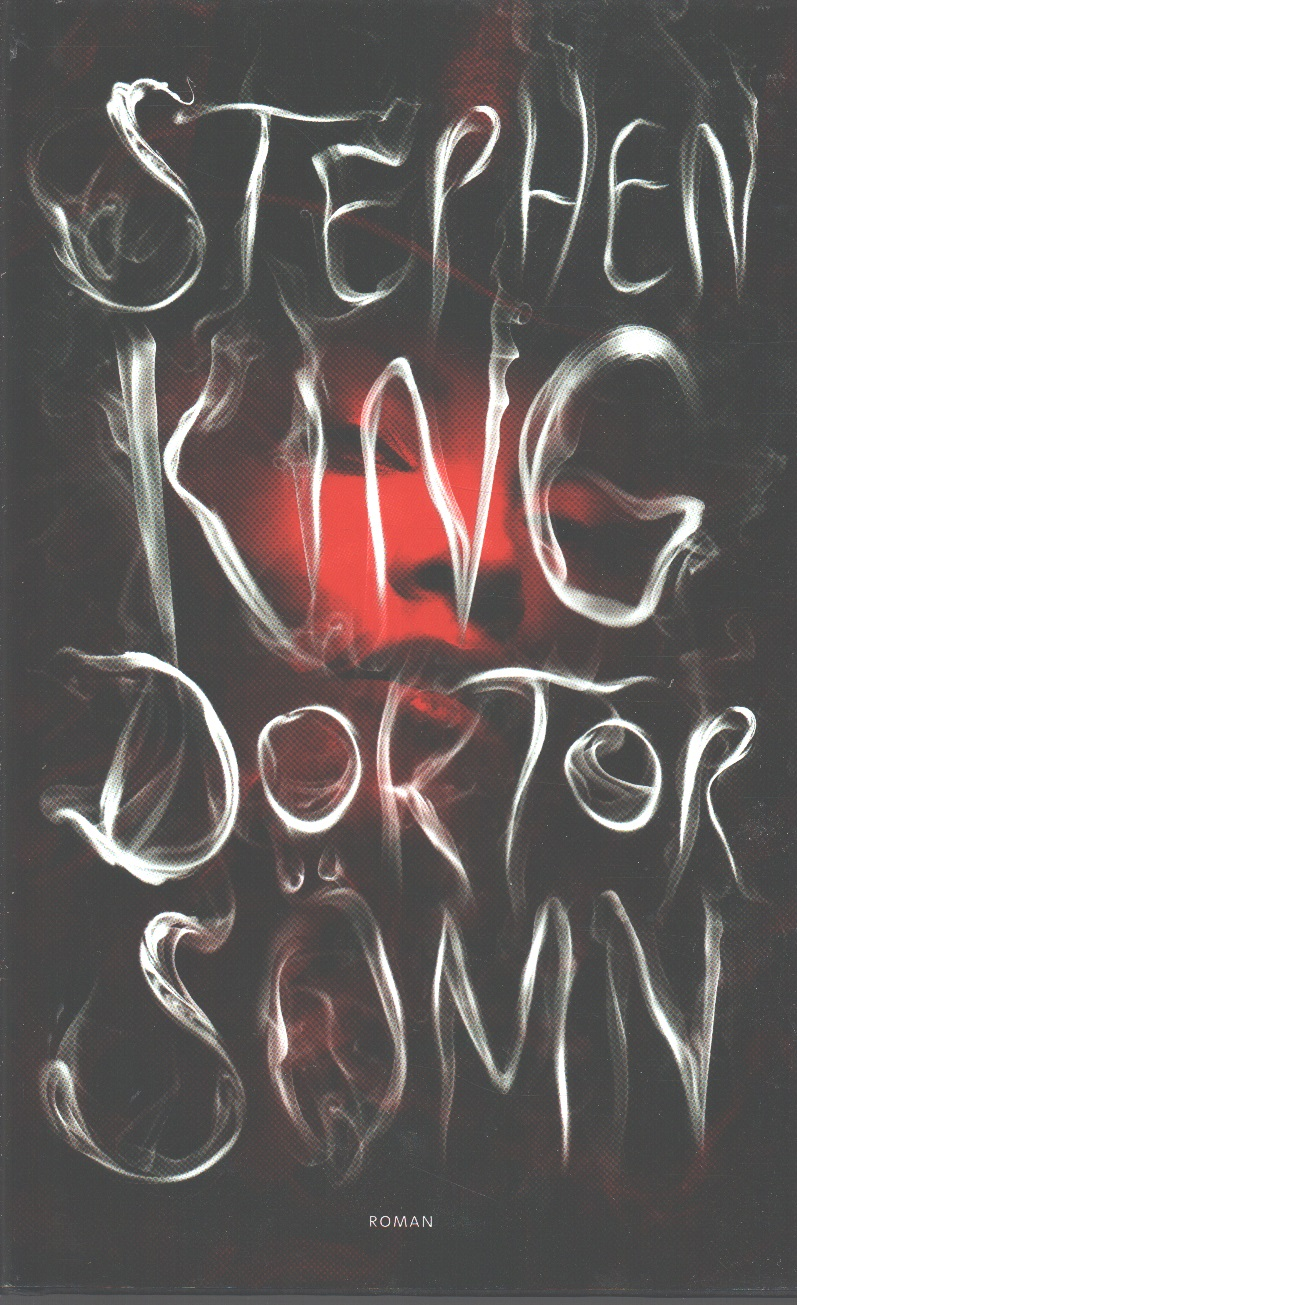 Doktor sömn - Uppföljaren till The Shining - King, Stephen